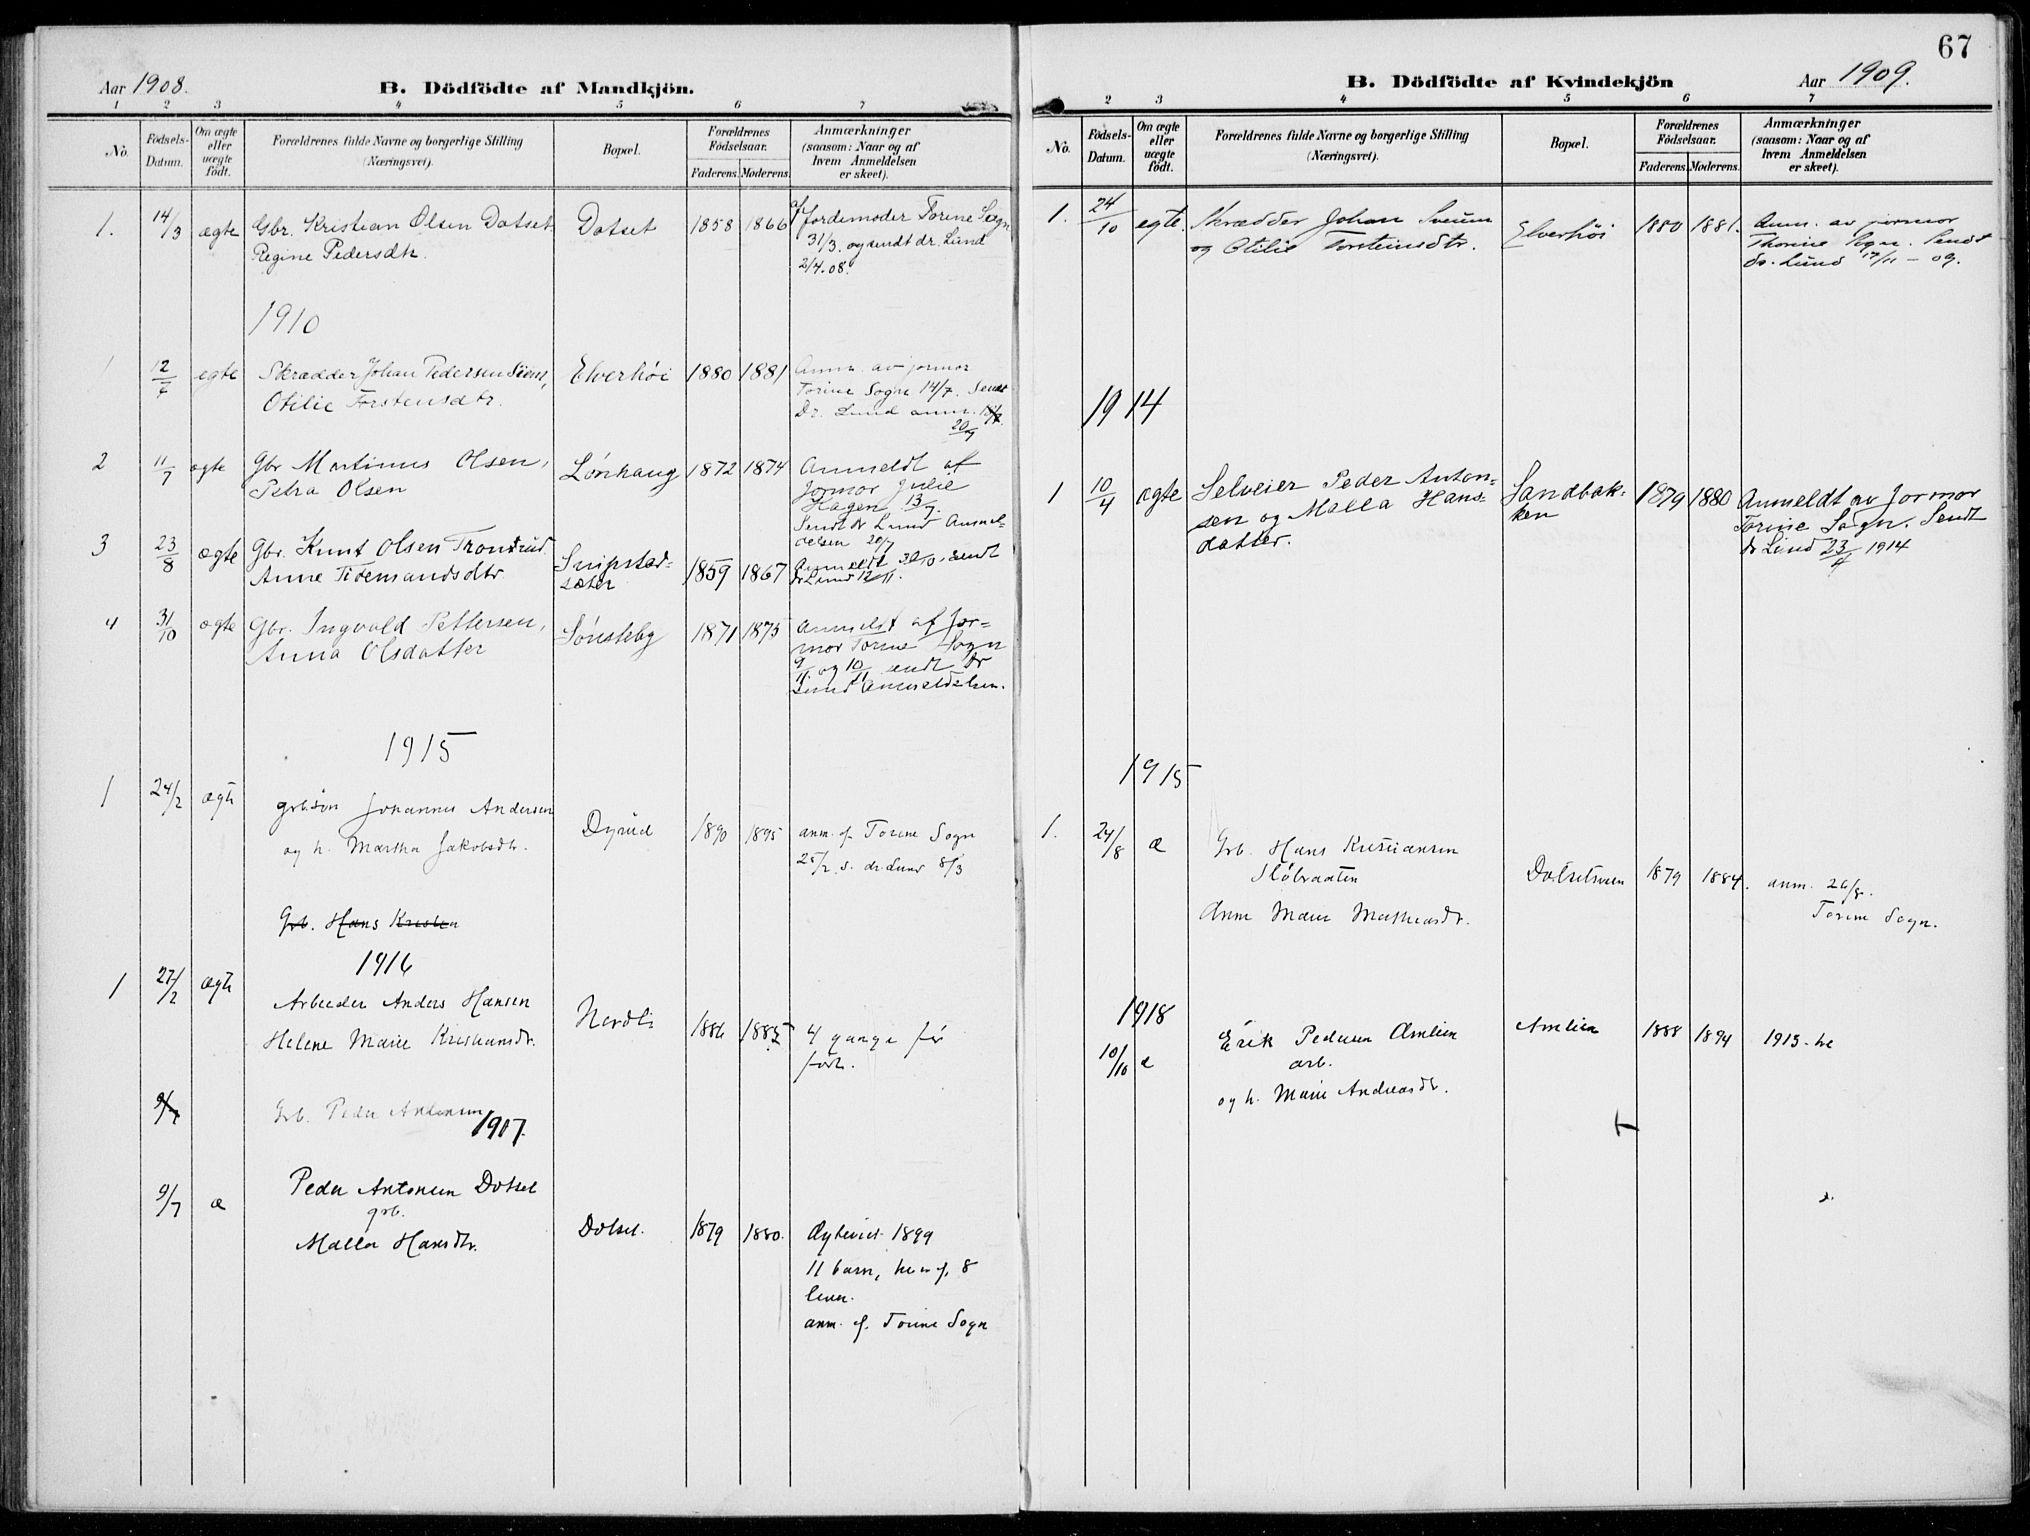 SAH, Kolbu prestekontor, Ministerialbok nr. 1, 1907-1923, s. 67